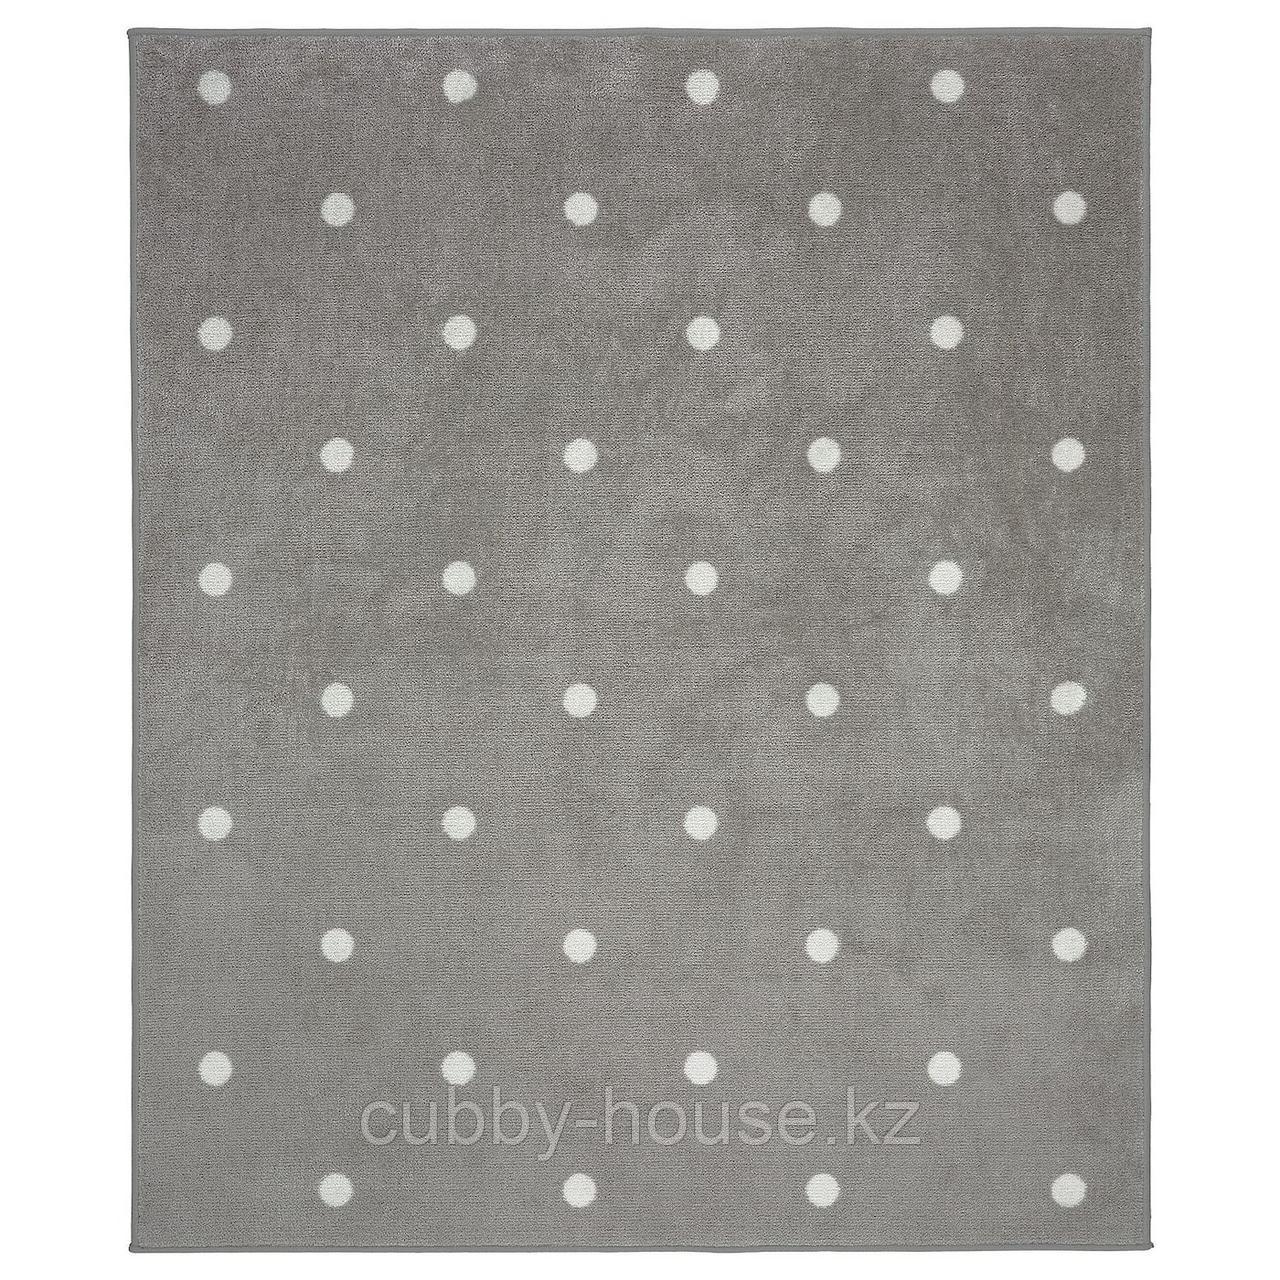 ЛЕН Ковер, точечный, серый, 133x160 см